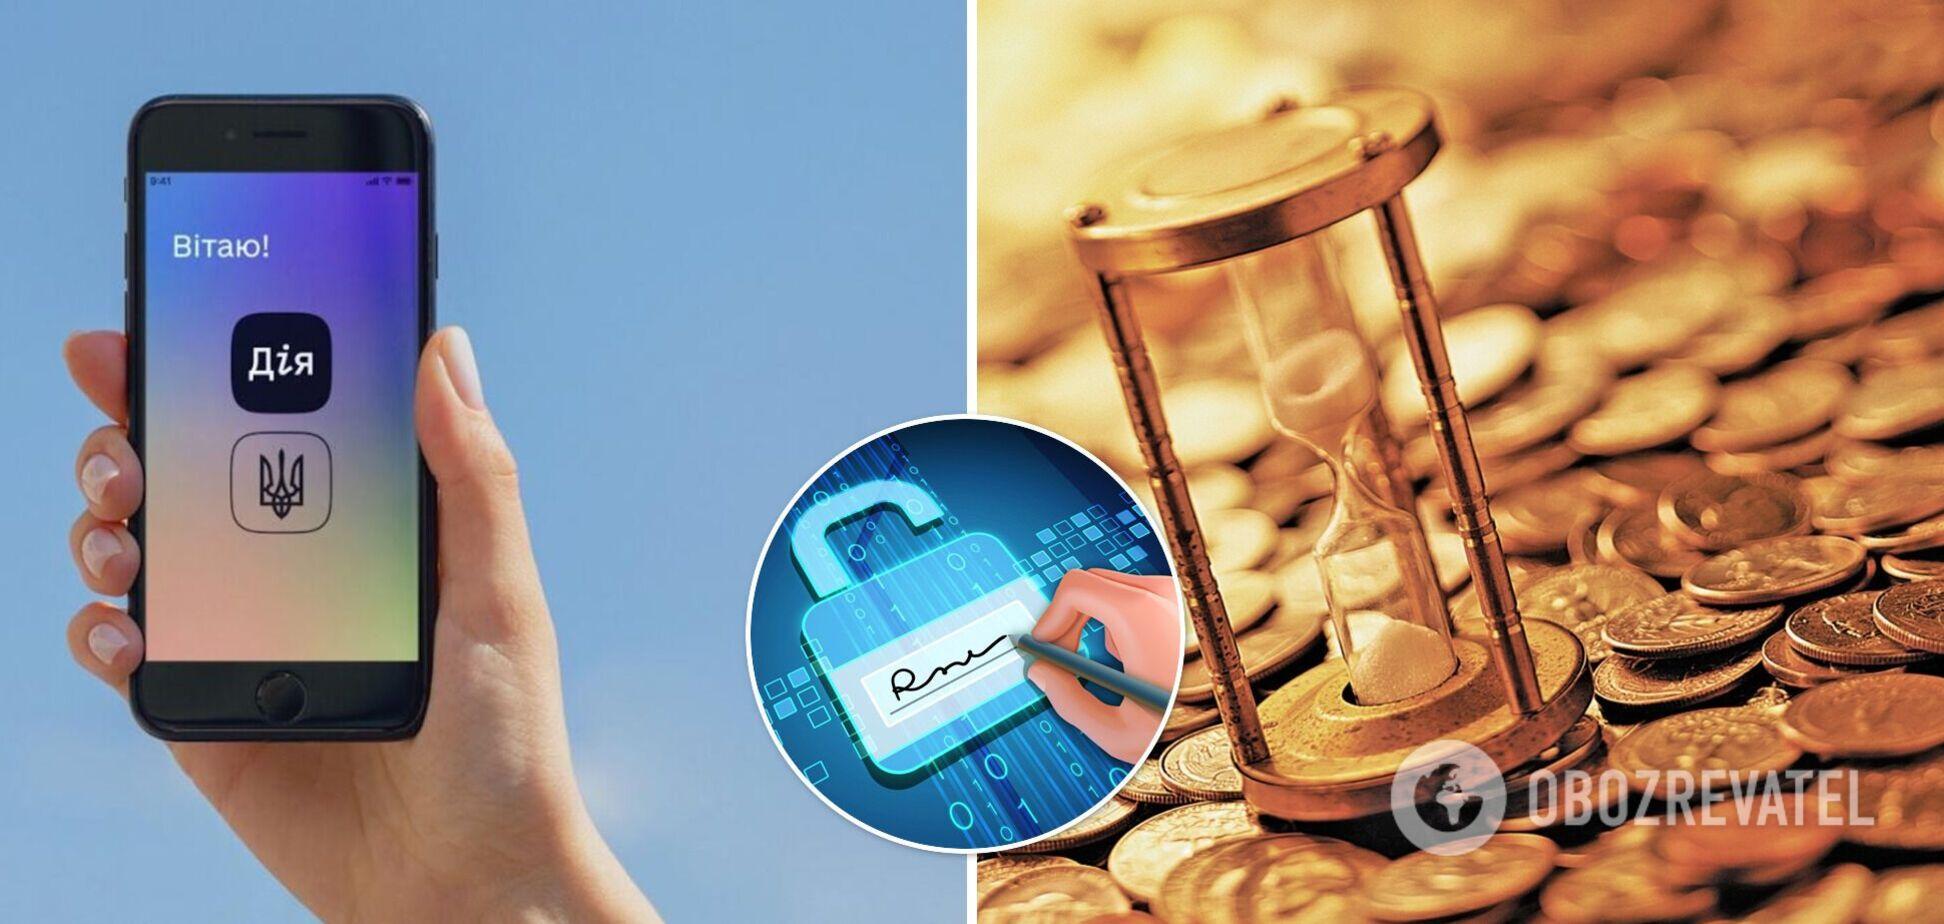 Электронная подпись и уплата налогов в смартфоне: какие новые услуги для бизнеса появятся в Дії